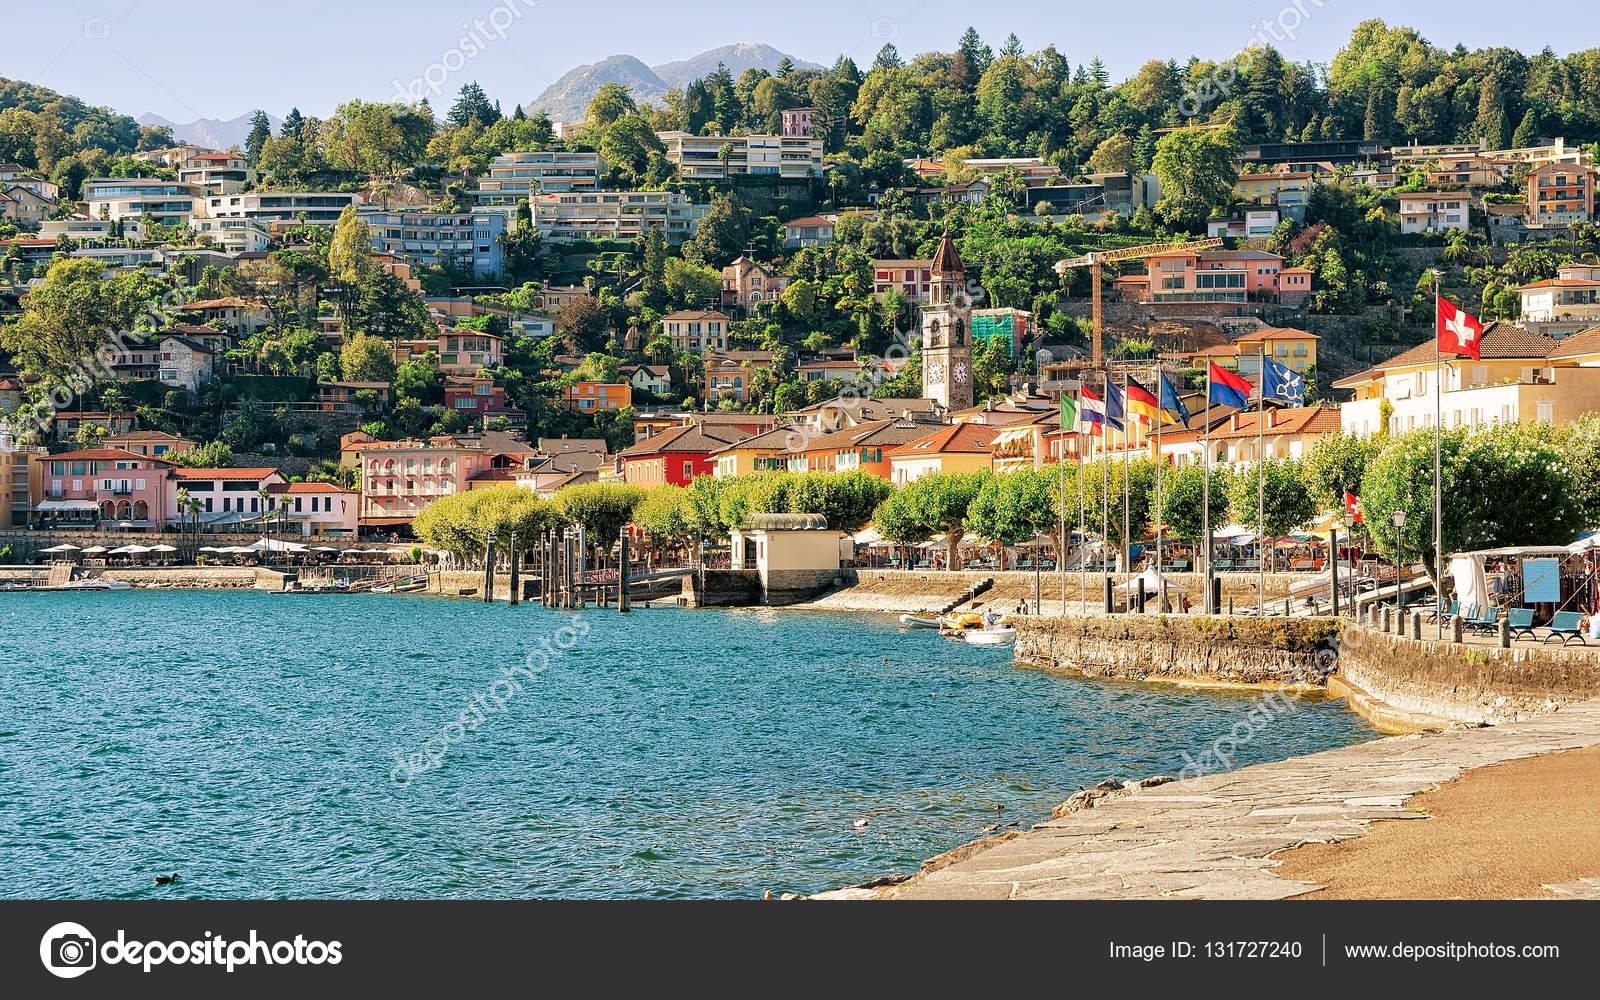 Обои Пейзаж, причалы, лодки, ticino, швейцария, дома, ascona, набережная. Города foto 15